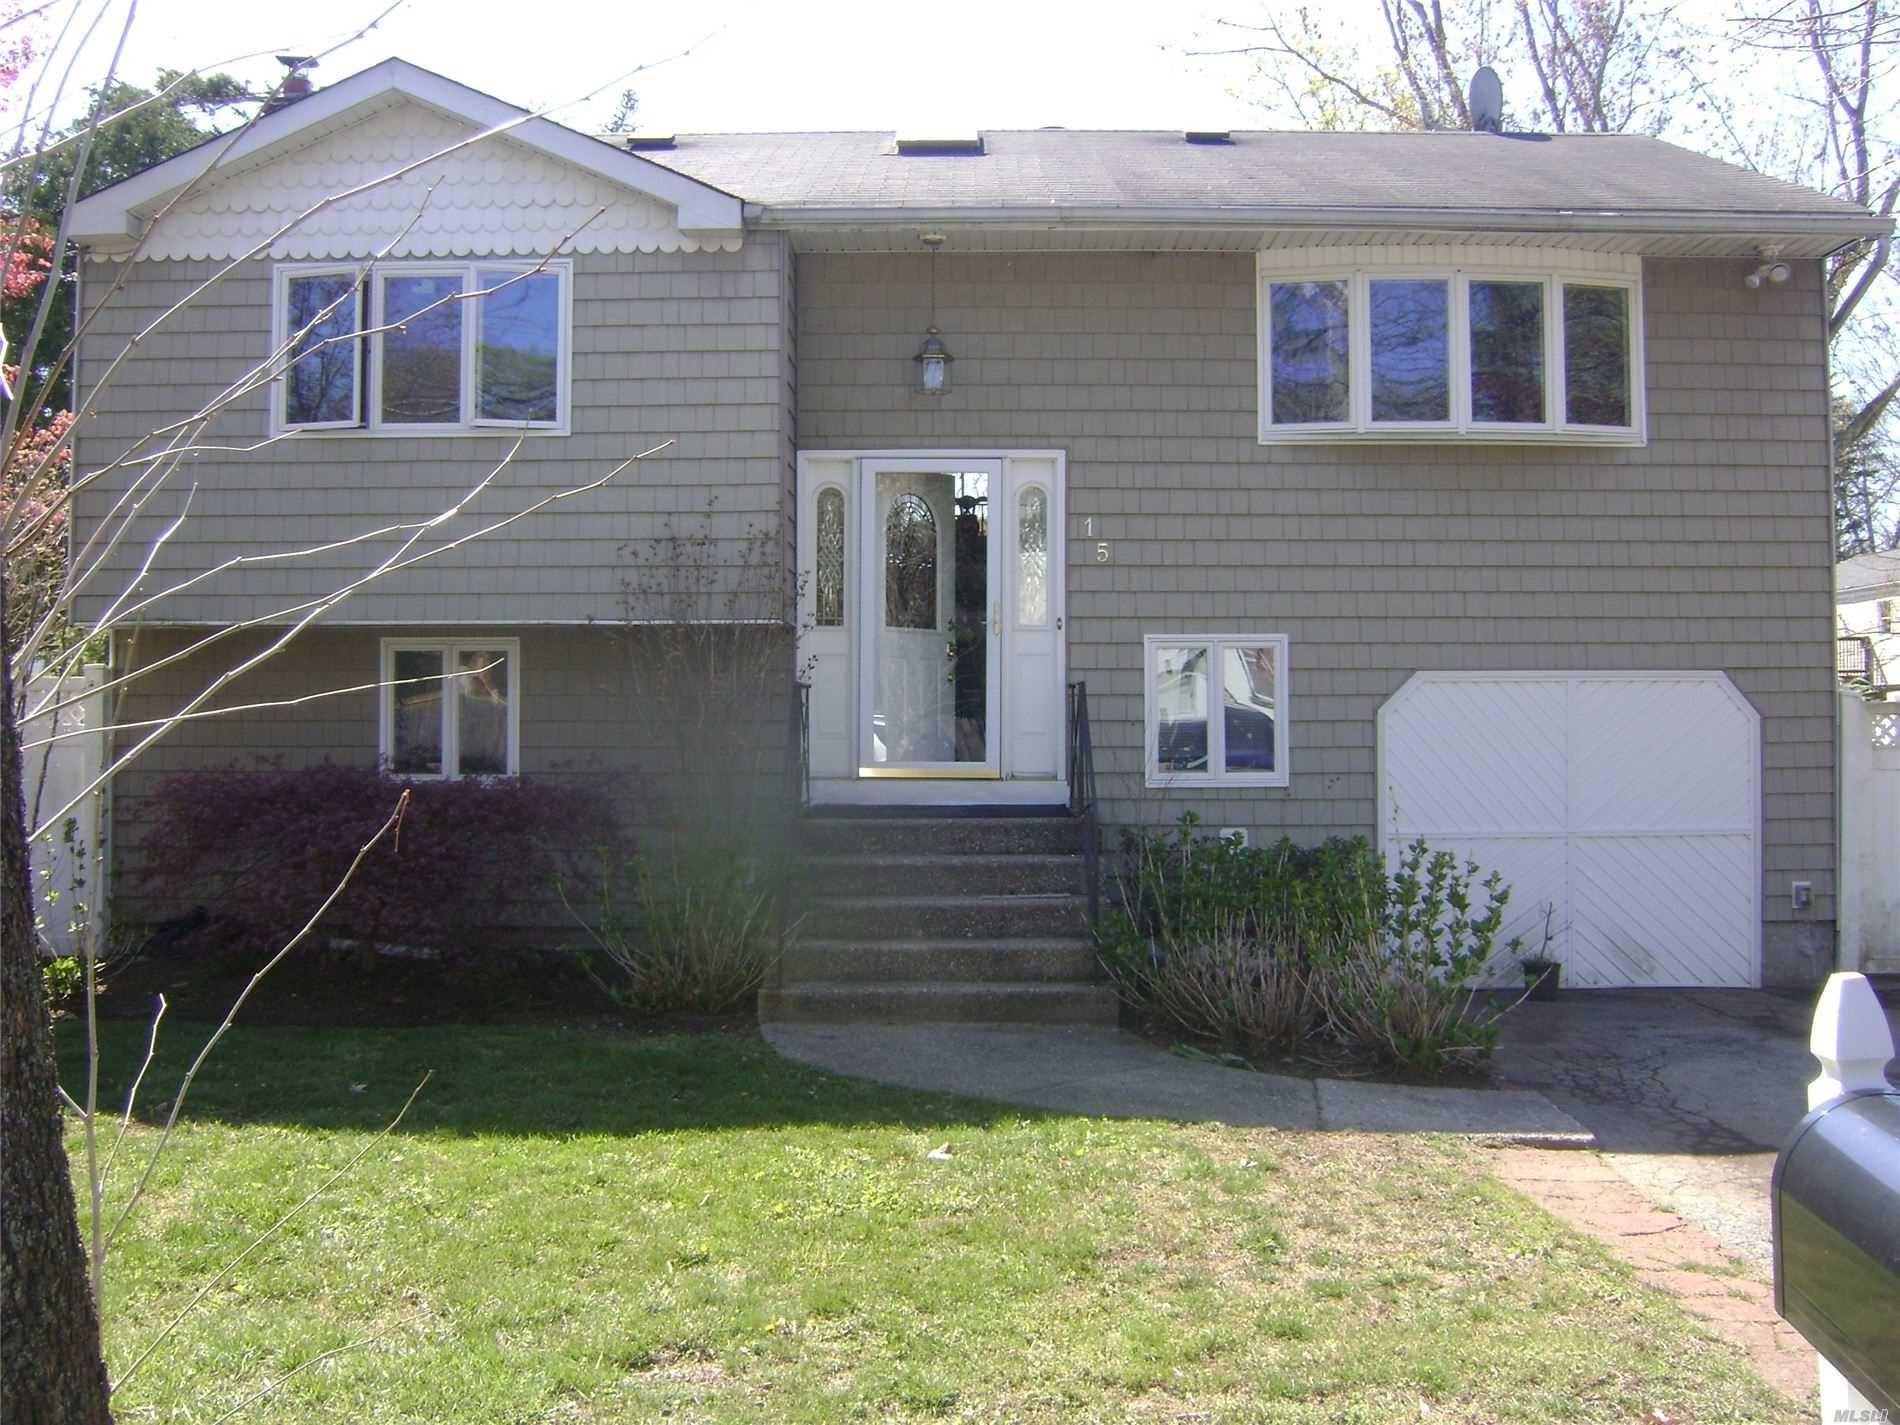 15 Juanita Ave, Huntington, NY 11743 - MLS#: 3212593